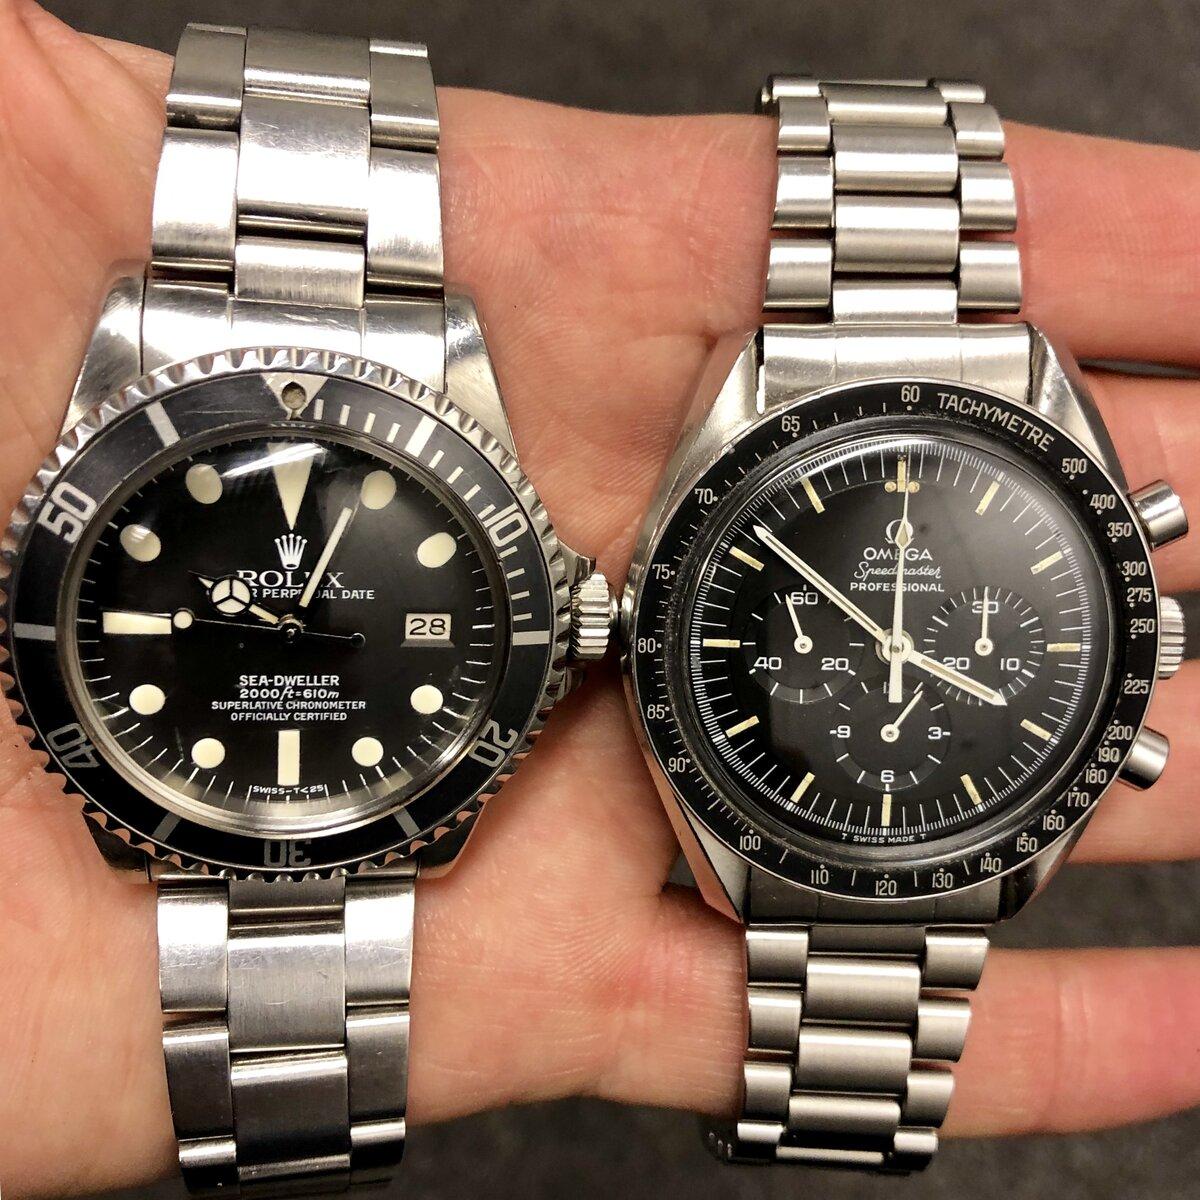 250723E0-E993-4F70-B7A8-266BDE60D7D4.